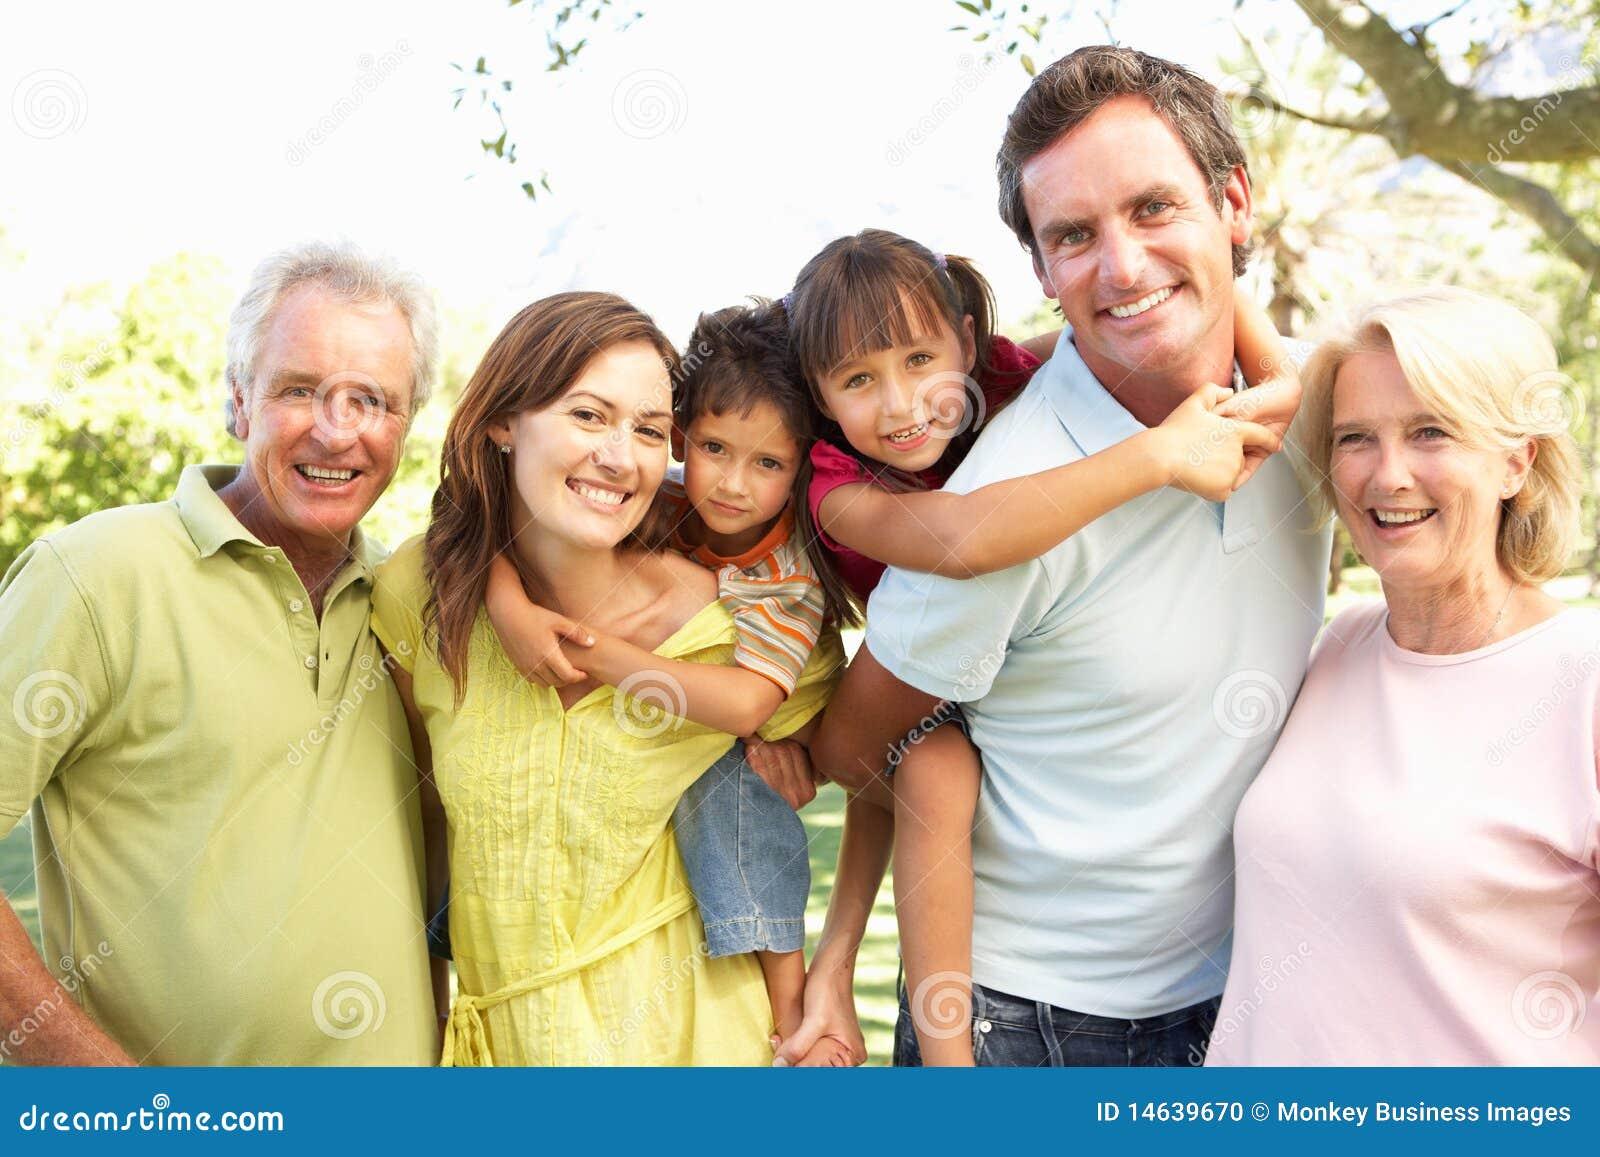 Εκτεταμένη ομάδα οικογένειας που απολαμβάνει την ημέρα Στοκ Εικόνες ... ef2de32a9b3